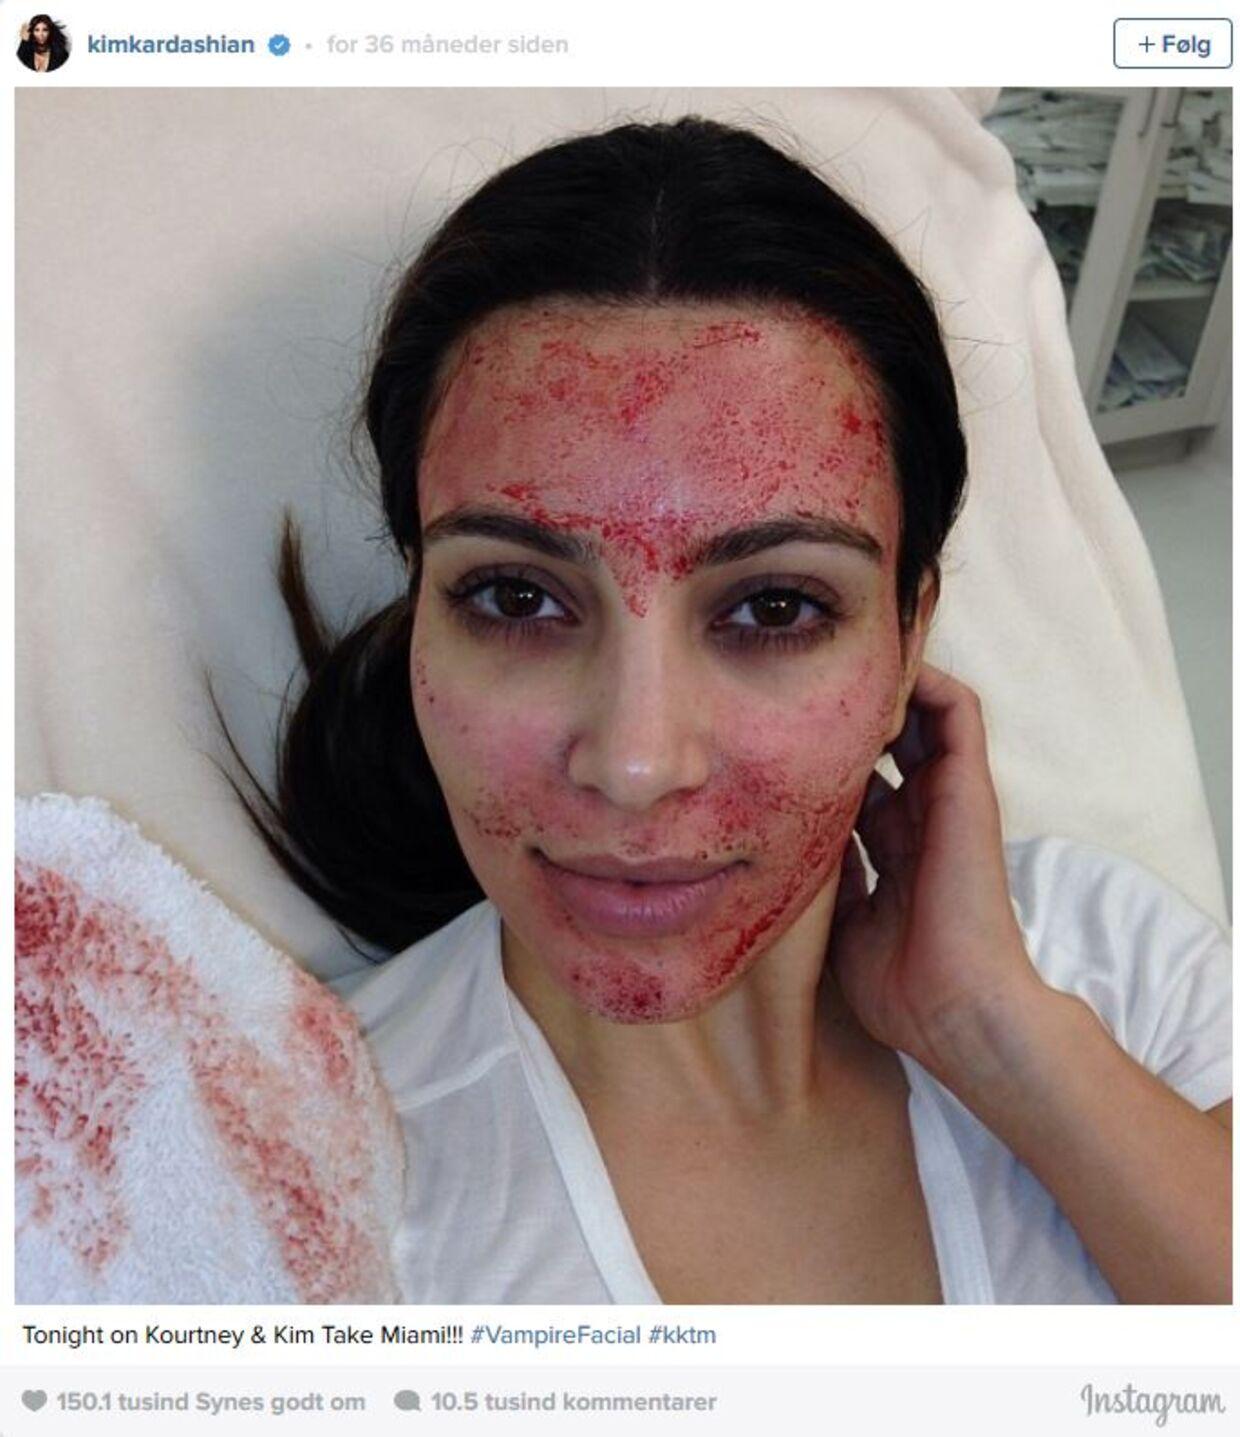 Metoden blev første gang kendt, da Kim Kardashian for 3 år siden fik fikset ansigtet med vampyr-behandling.